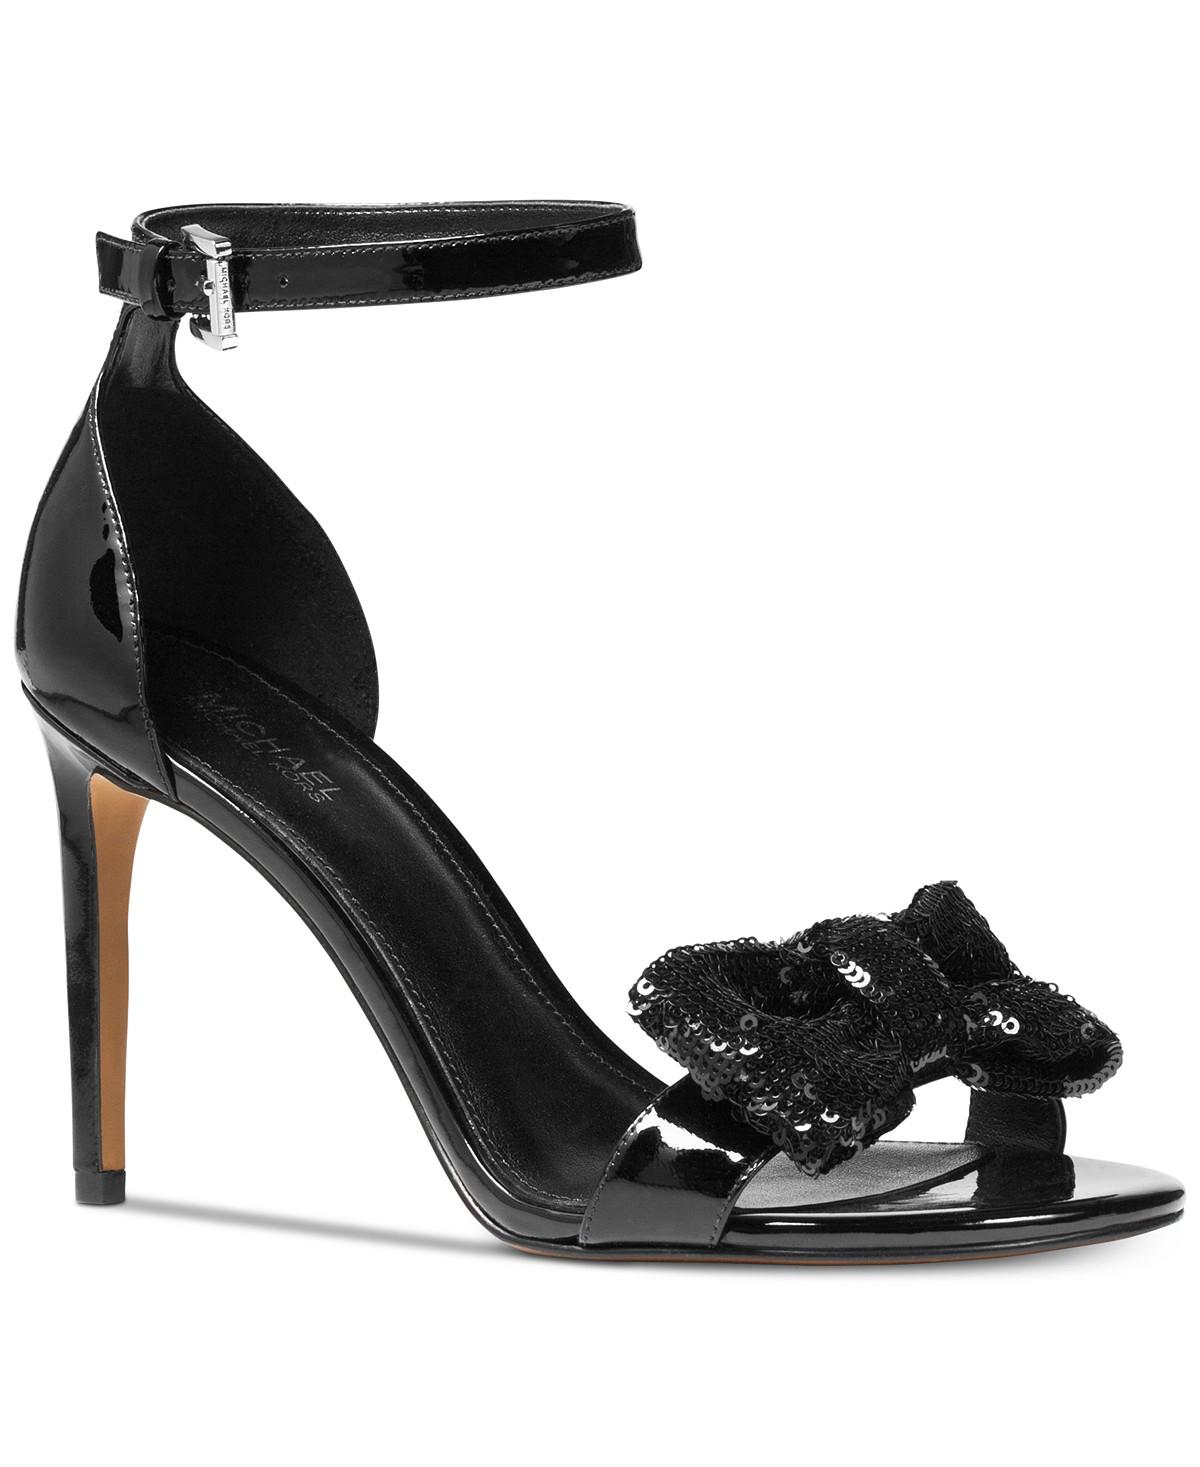 MICHAEL Michael Kors Paris Open-Toe Dress Sandals | Hermosaz